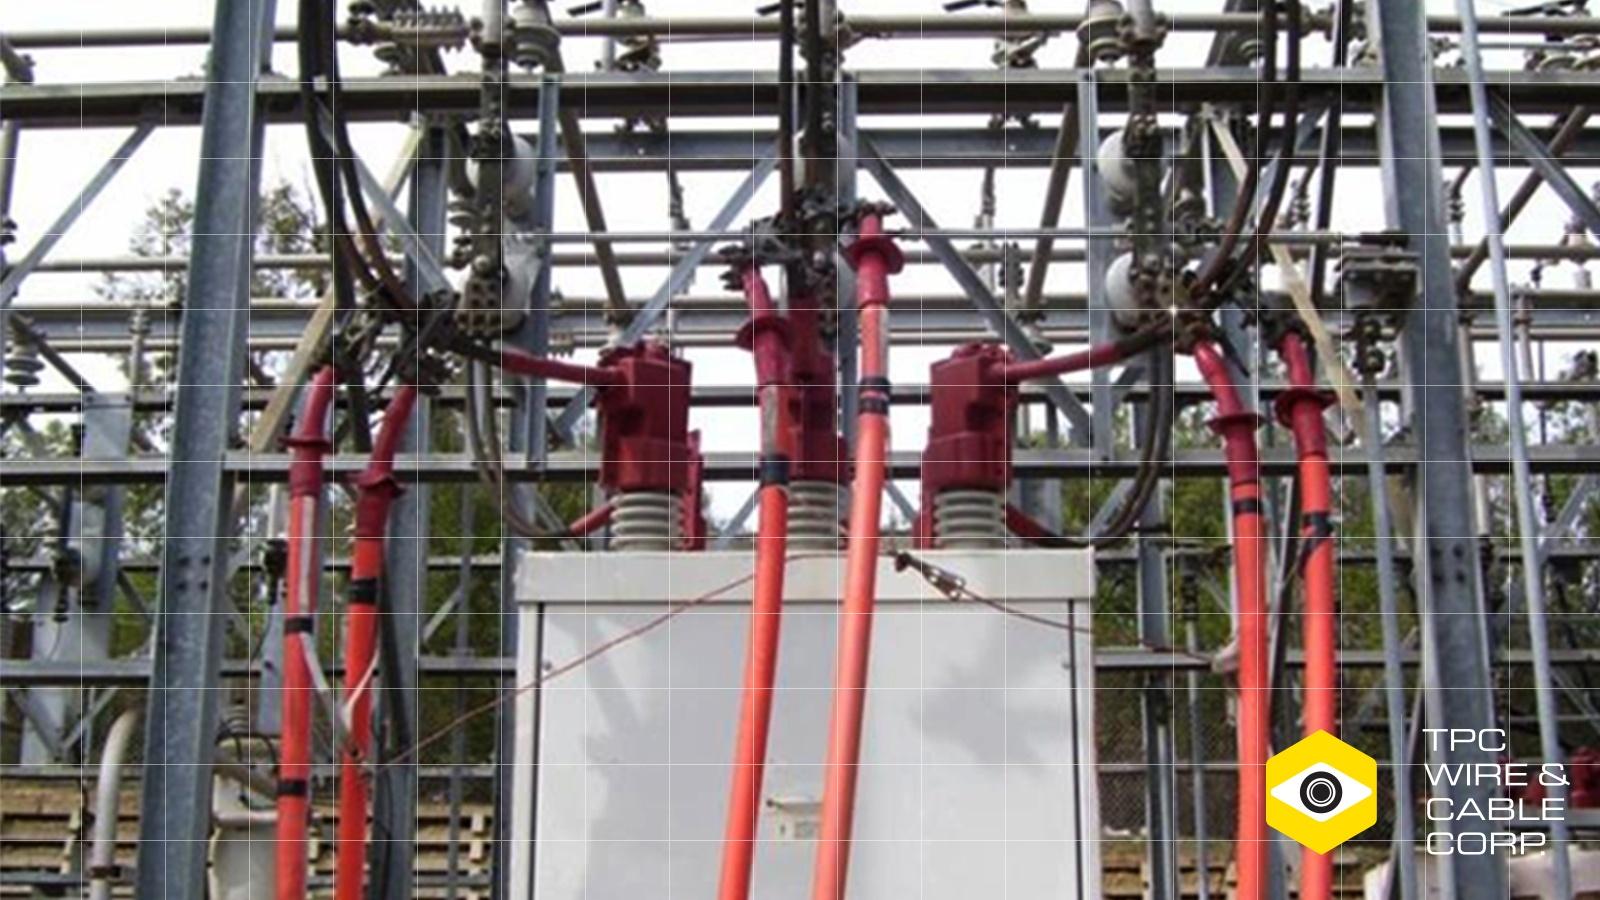 mv-tpc-cables-1